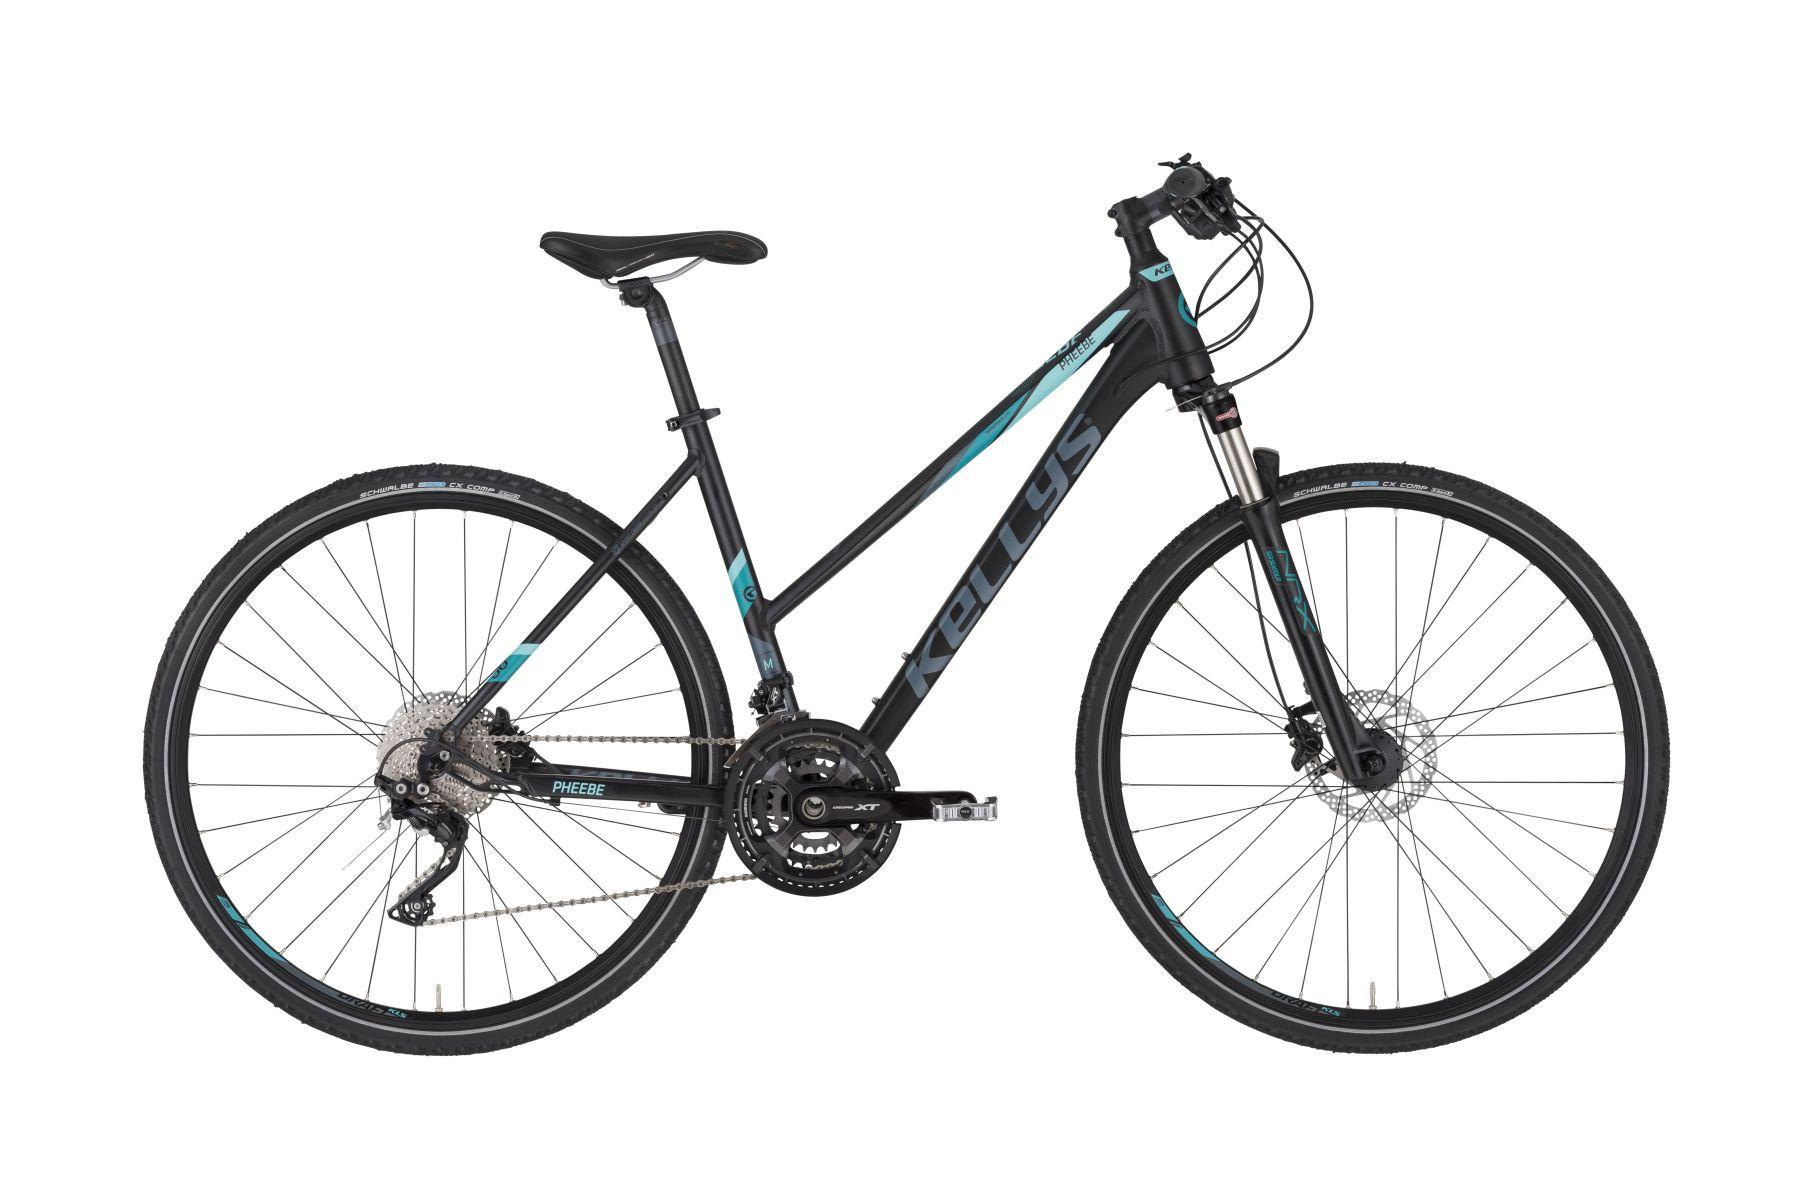 KELLYS Pheebe 90 női cross kerékpár - fekete - M (2020)